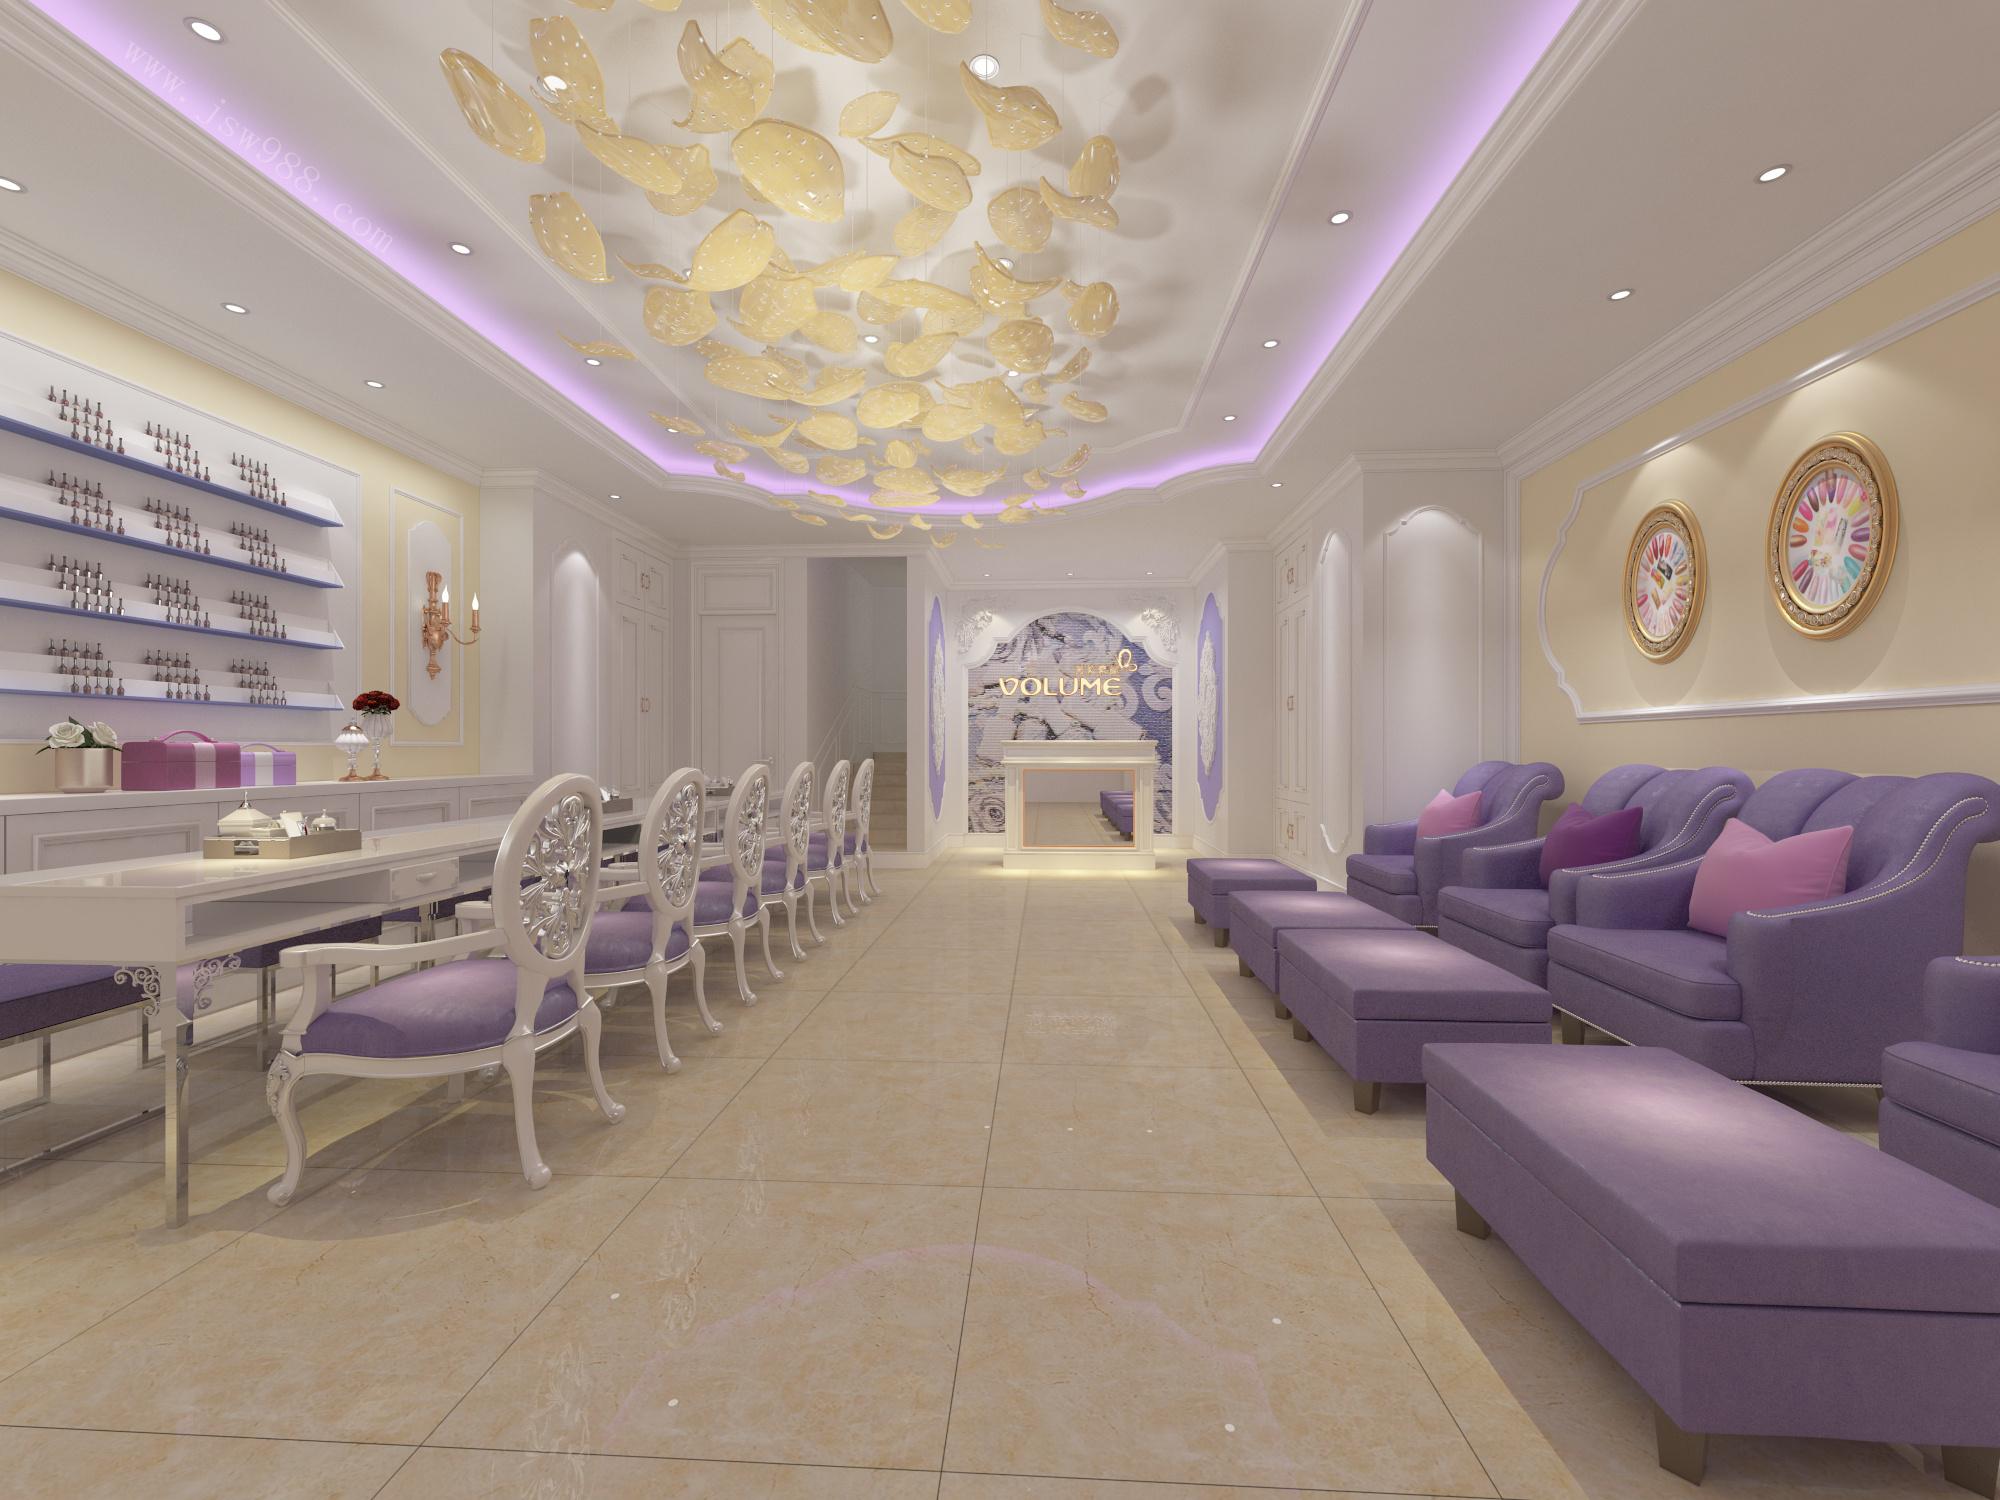 广州天河区美容院装修设计效果图